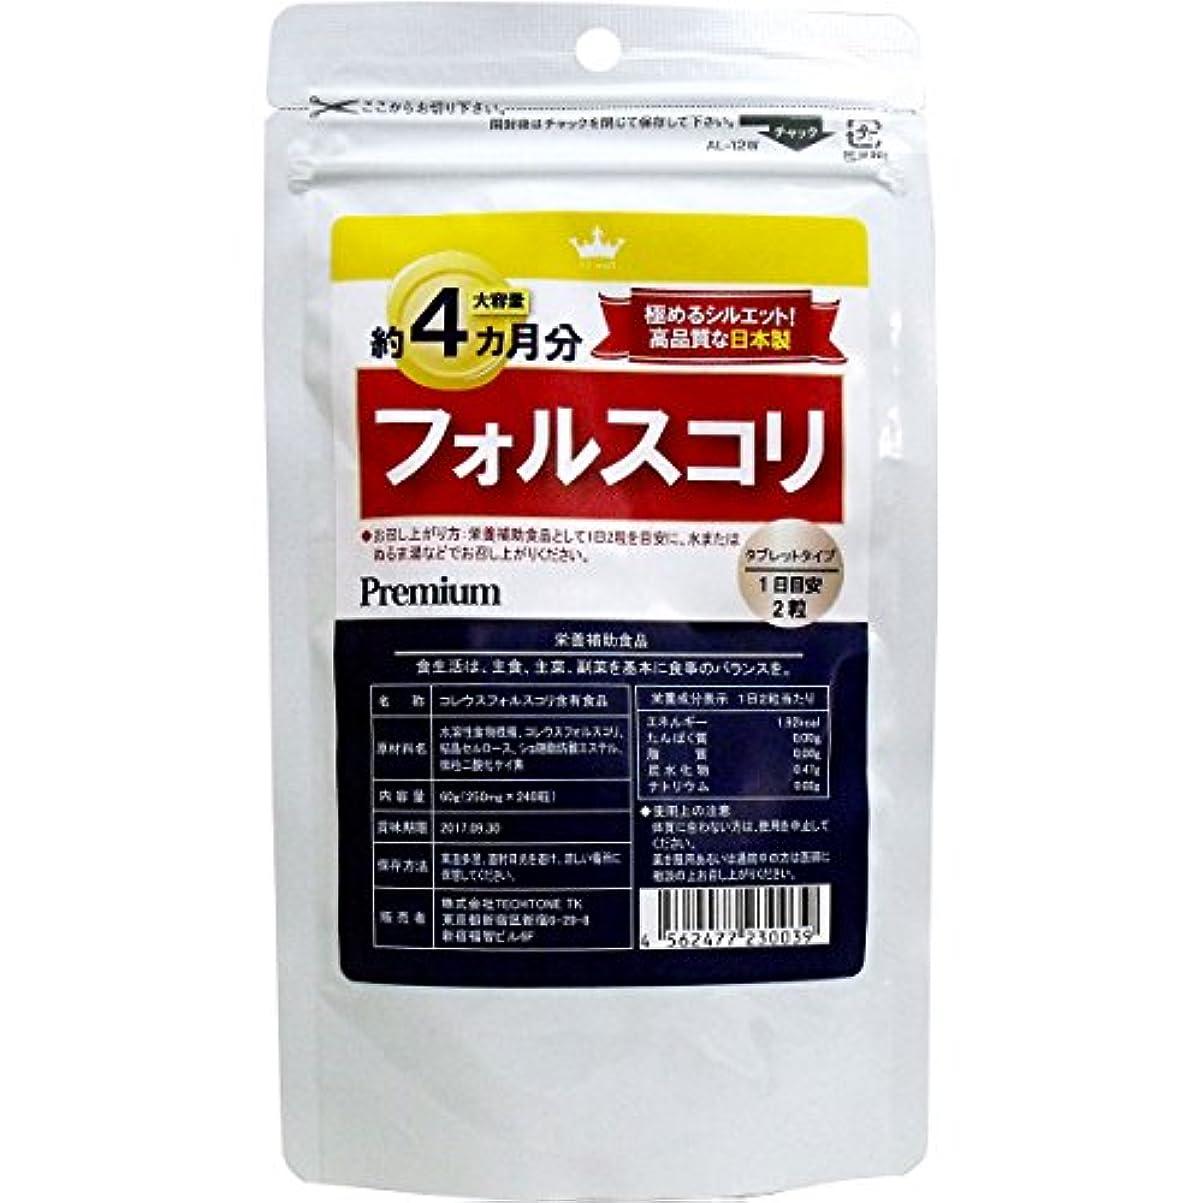 沼地プラス閉じ込めるサプリ 高品質な日本製 話題の フォルスコリ 約4カ月分 240粒入【3個セット】